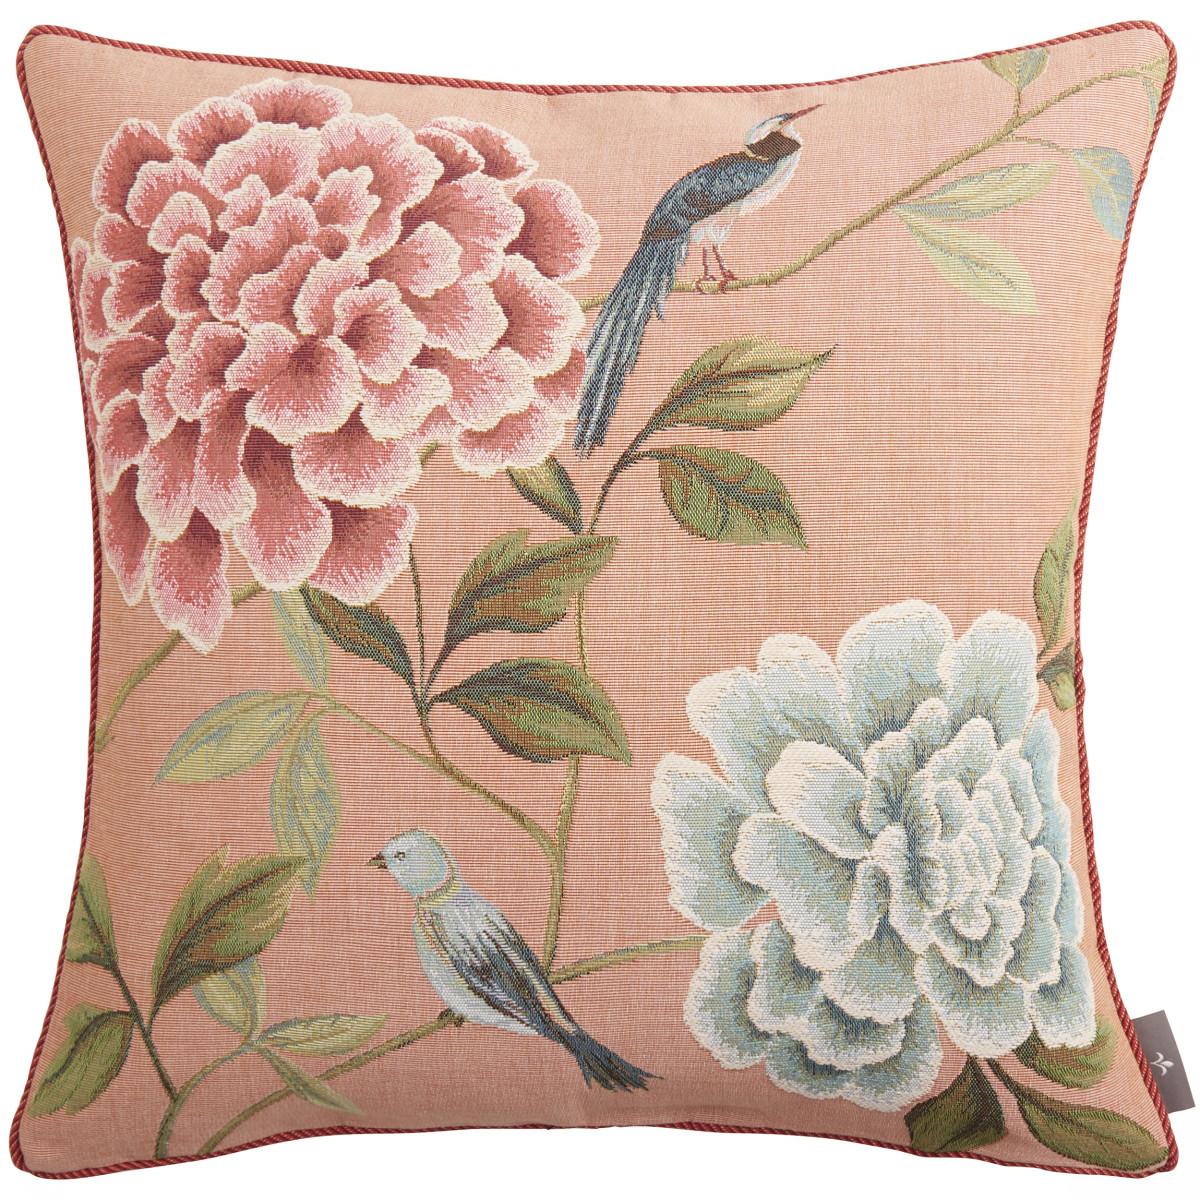 Coussin tapisserie fleurs oiseaux bleus Rose   50 x 50